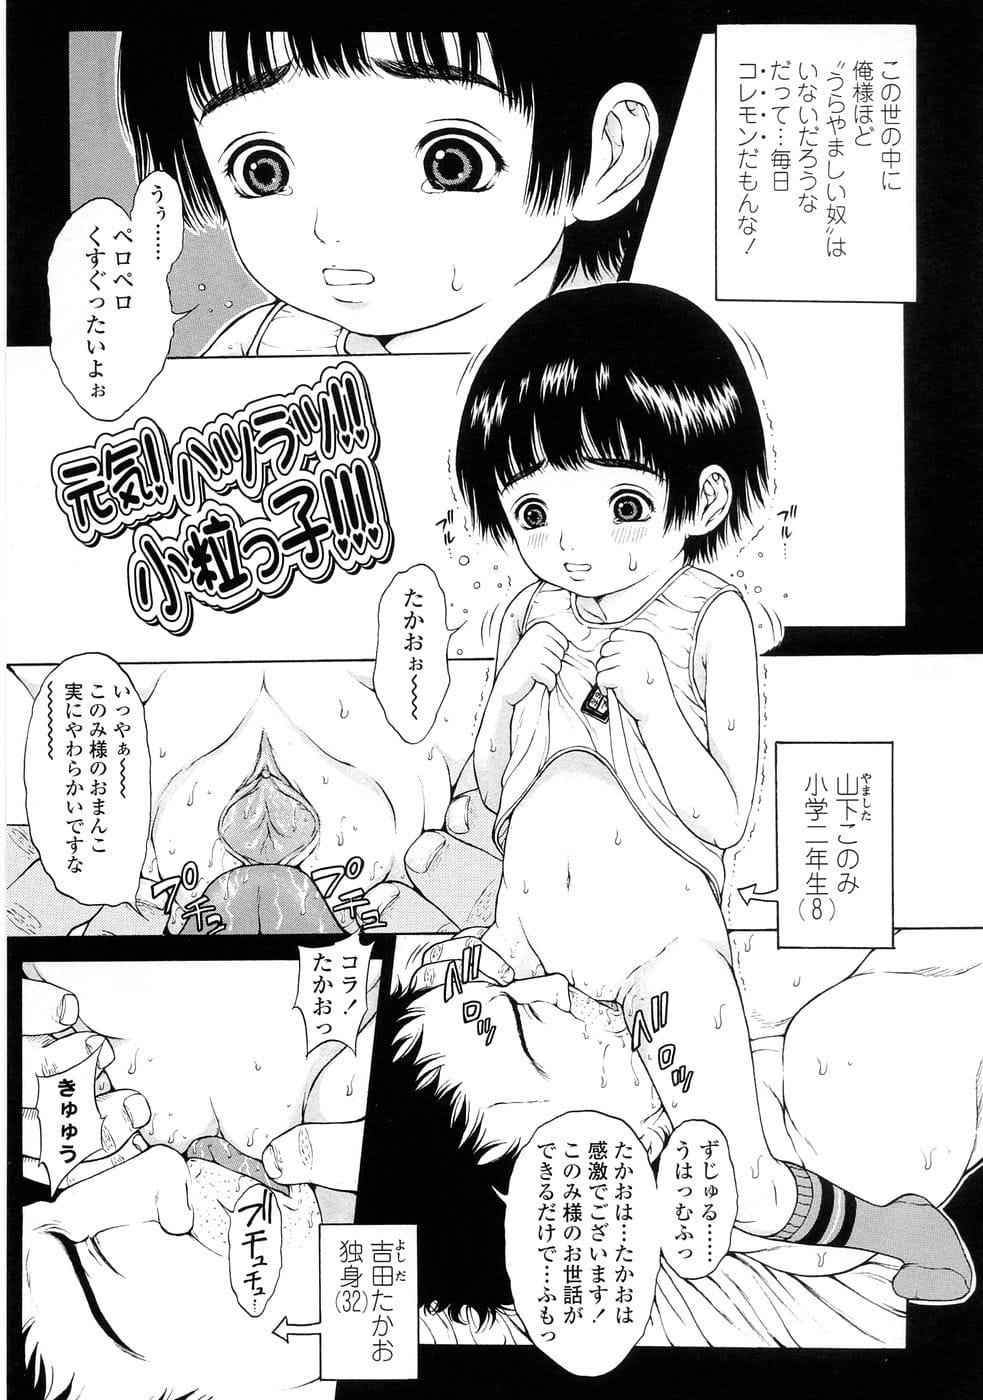 KuragarinoNakanoShoujo_11_155